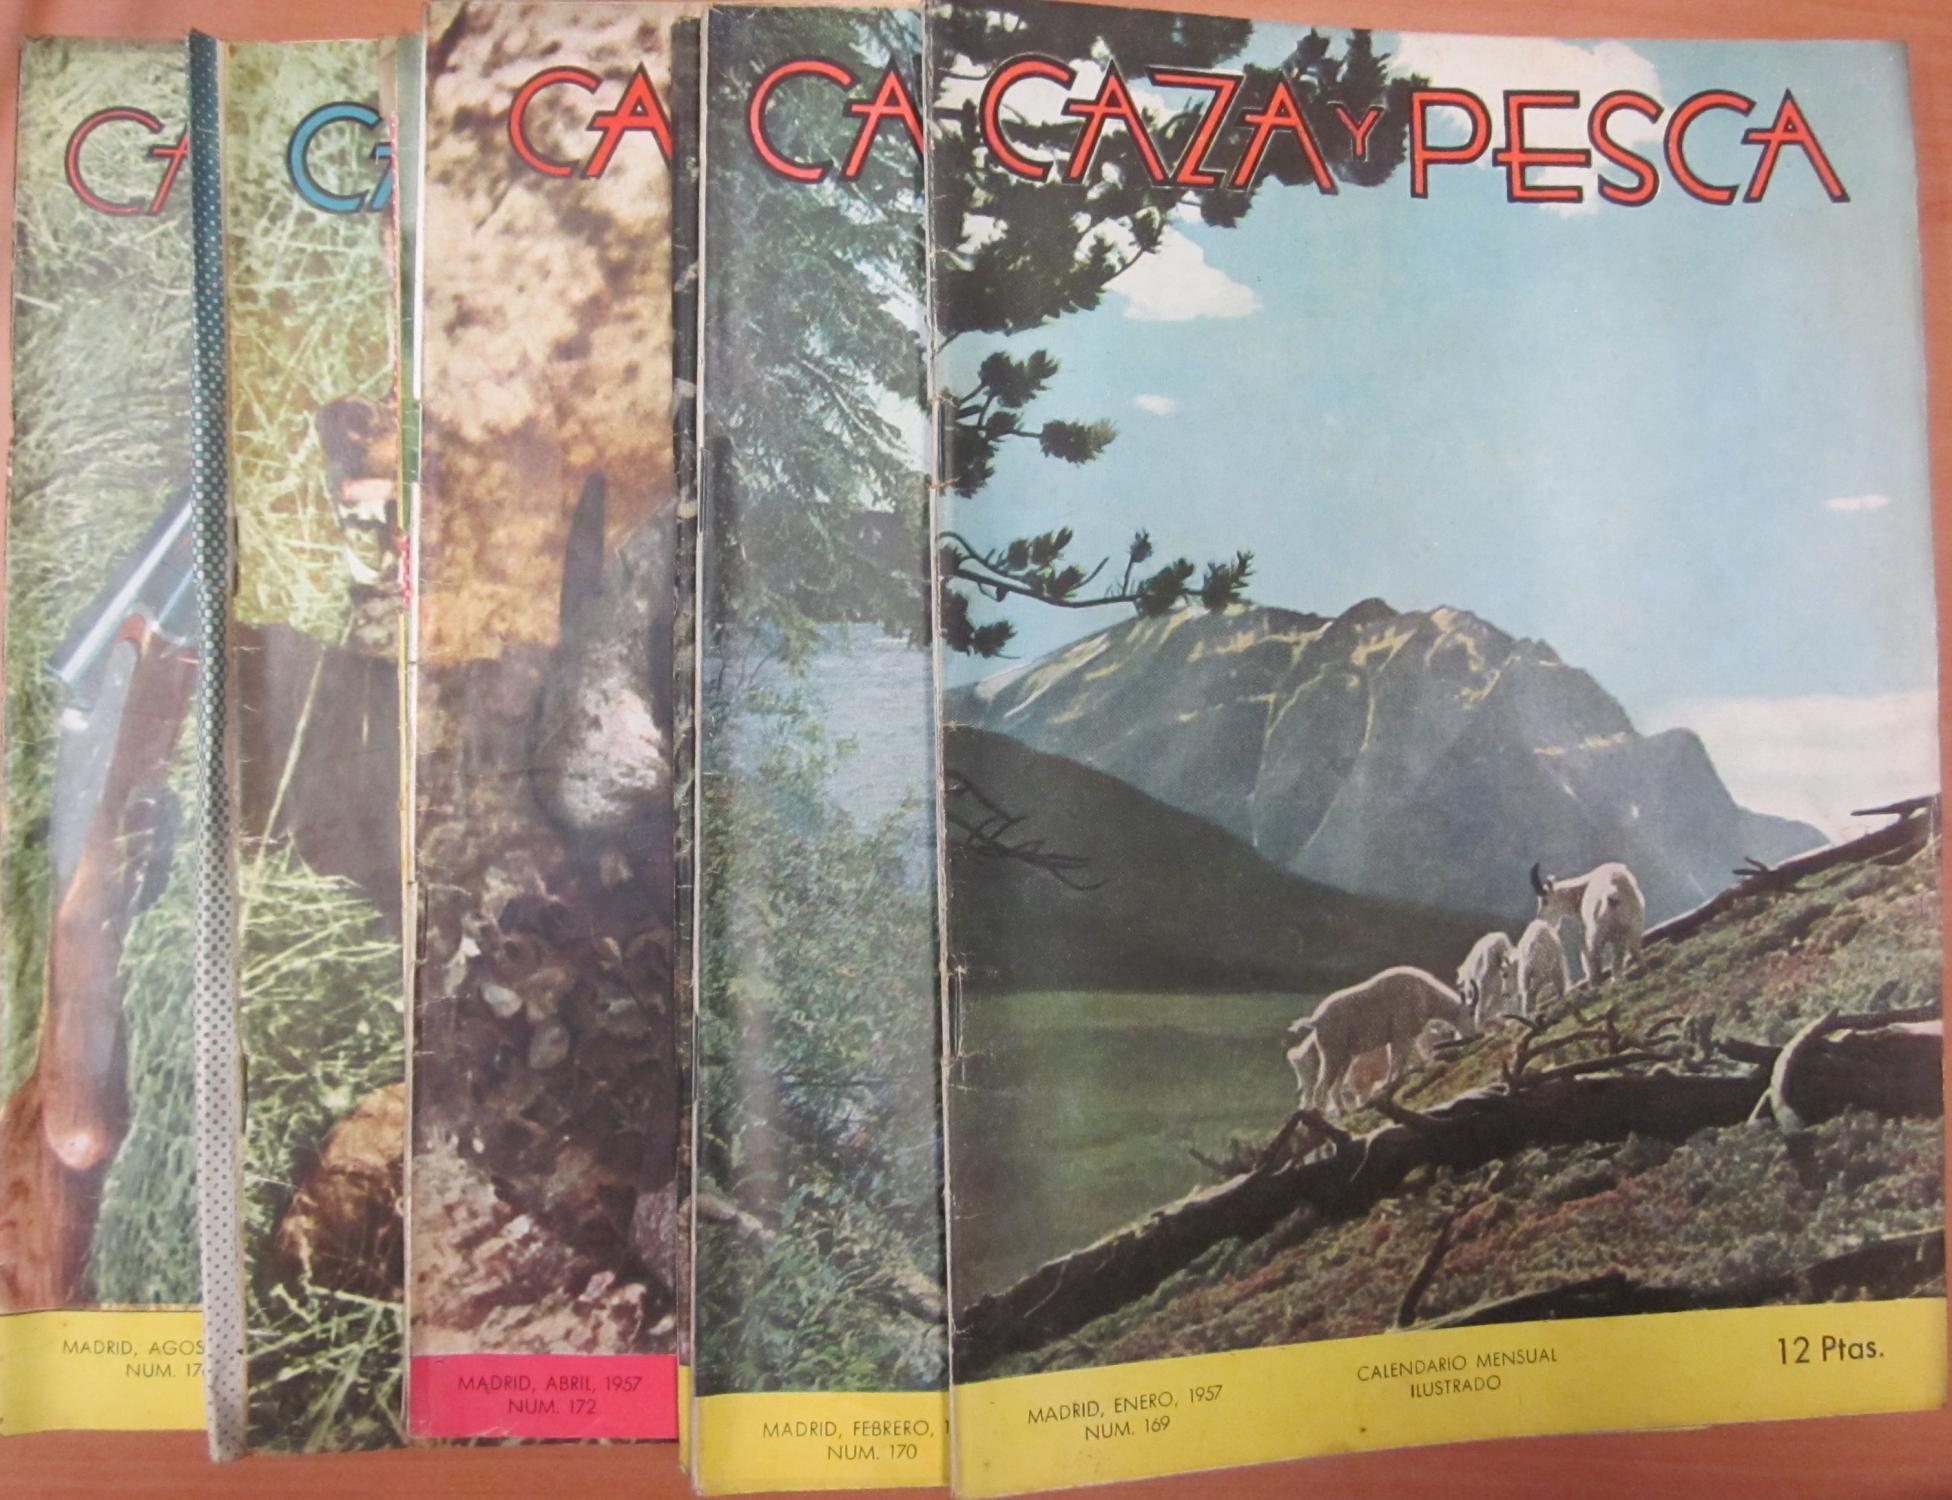 Calendario Del Ano 1957.Caza Y Pesca Calendario Mensual Ilustrado